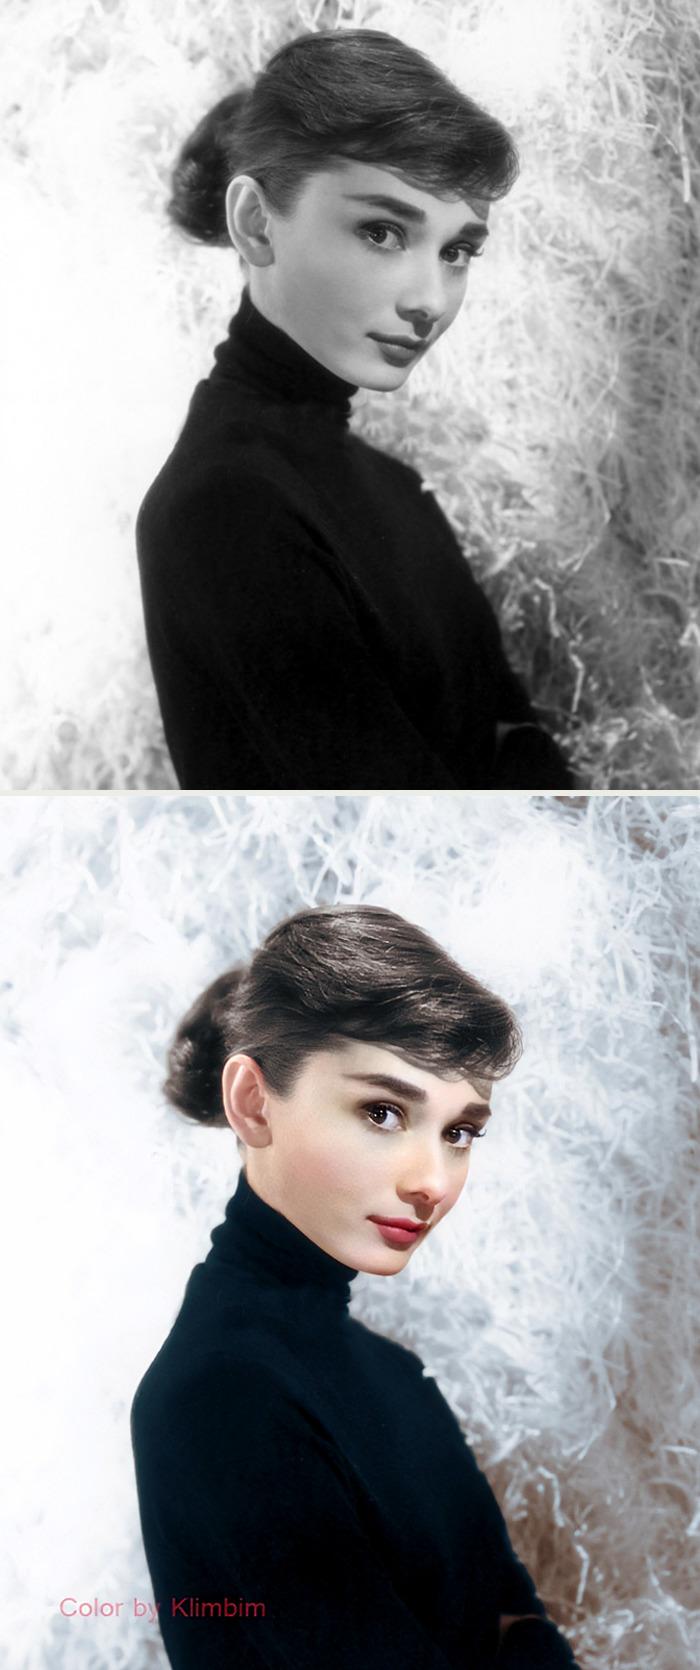 5e69f0be2514e This Russian artist impresses by giving vivid colors to photos of celebrities from the past 5e679b02883c3 png  700 - Fotos antigas coloridas de estrelas clássicas de Hollywood